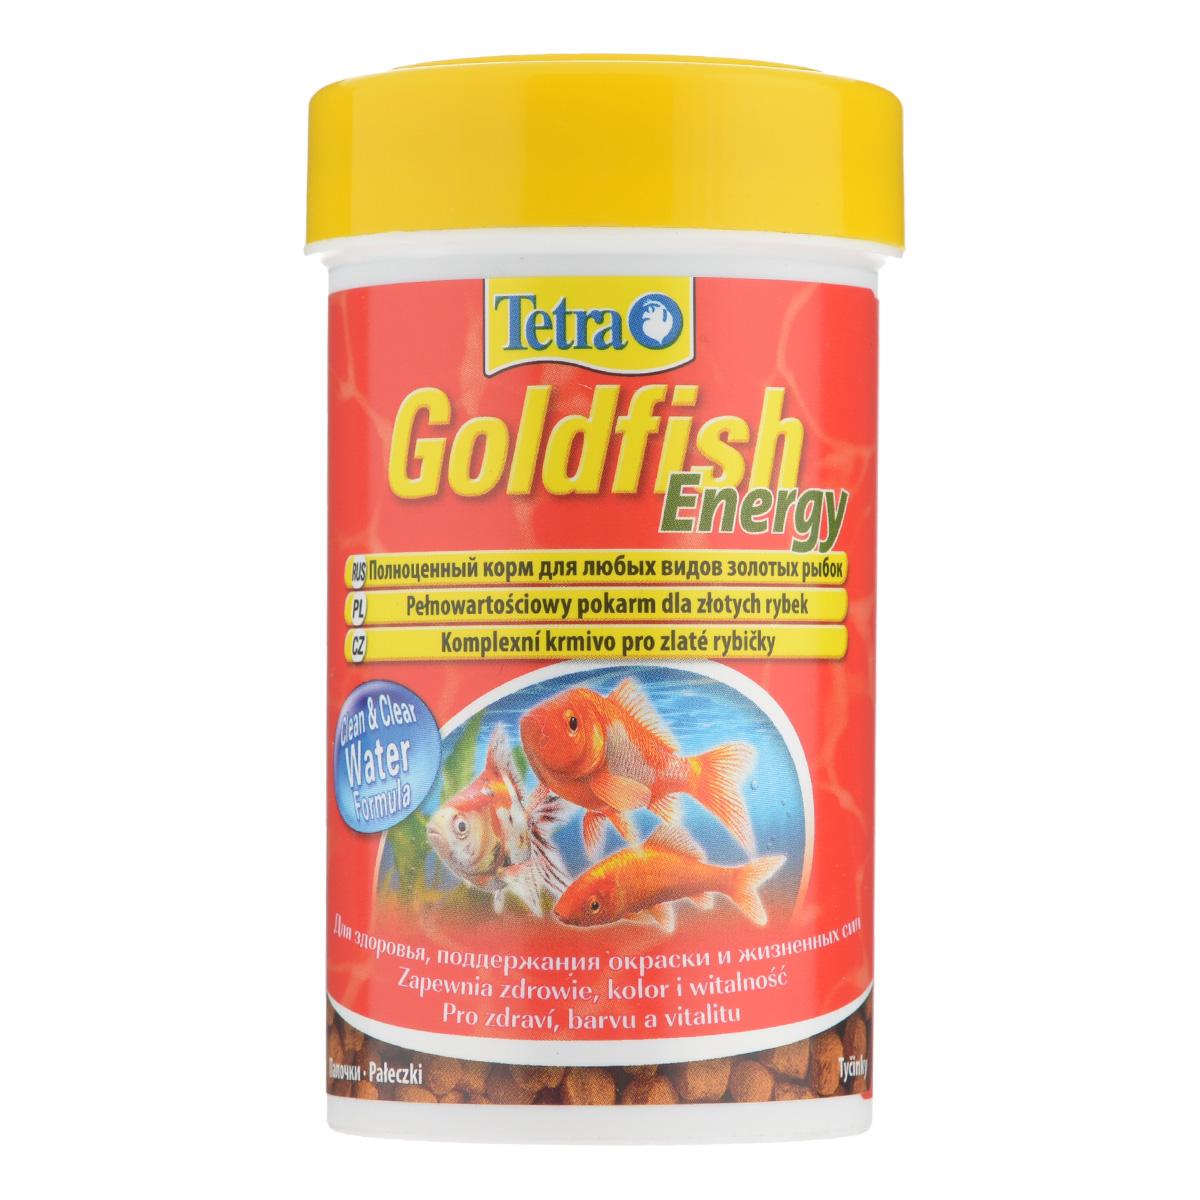 Корм Tetra Goldfish Energy для любых видов золотых рыбок, в виде палочек, 34 г/100 мл корм tetra goldfish flakes complete food for all goldfish хлопья для всех видов золотых рыбок 1л 204355